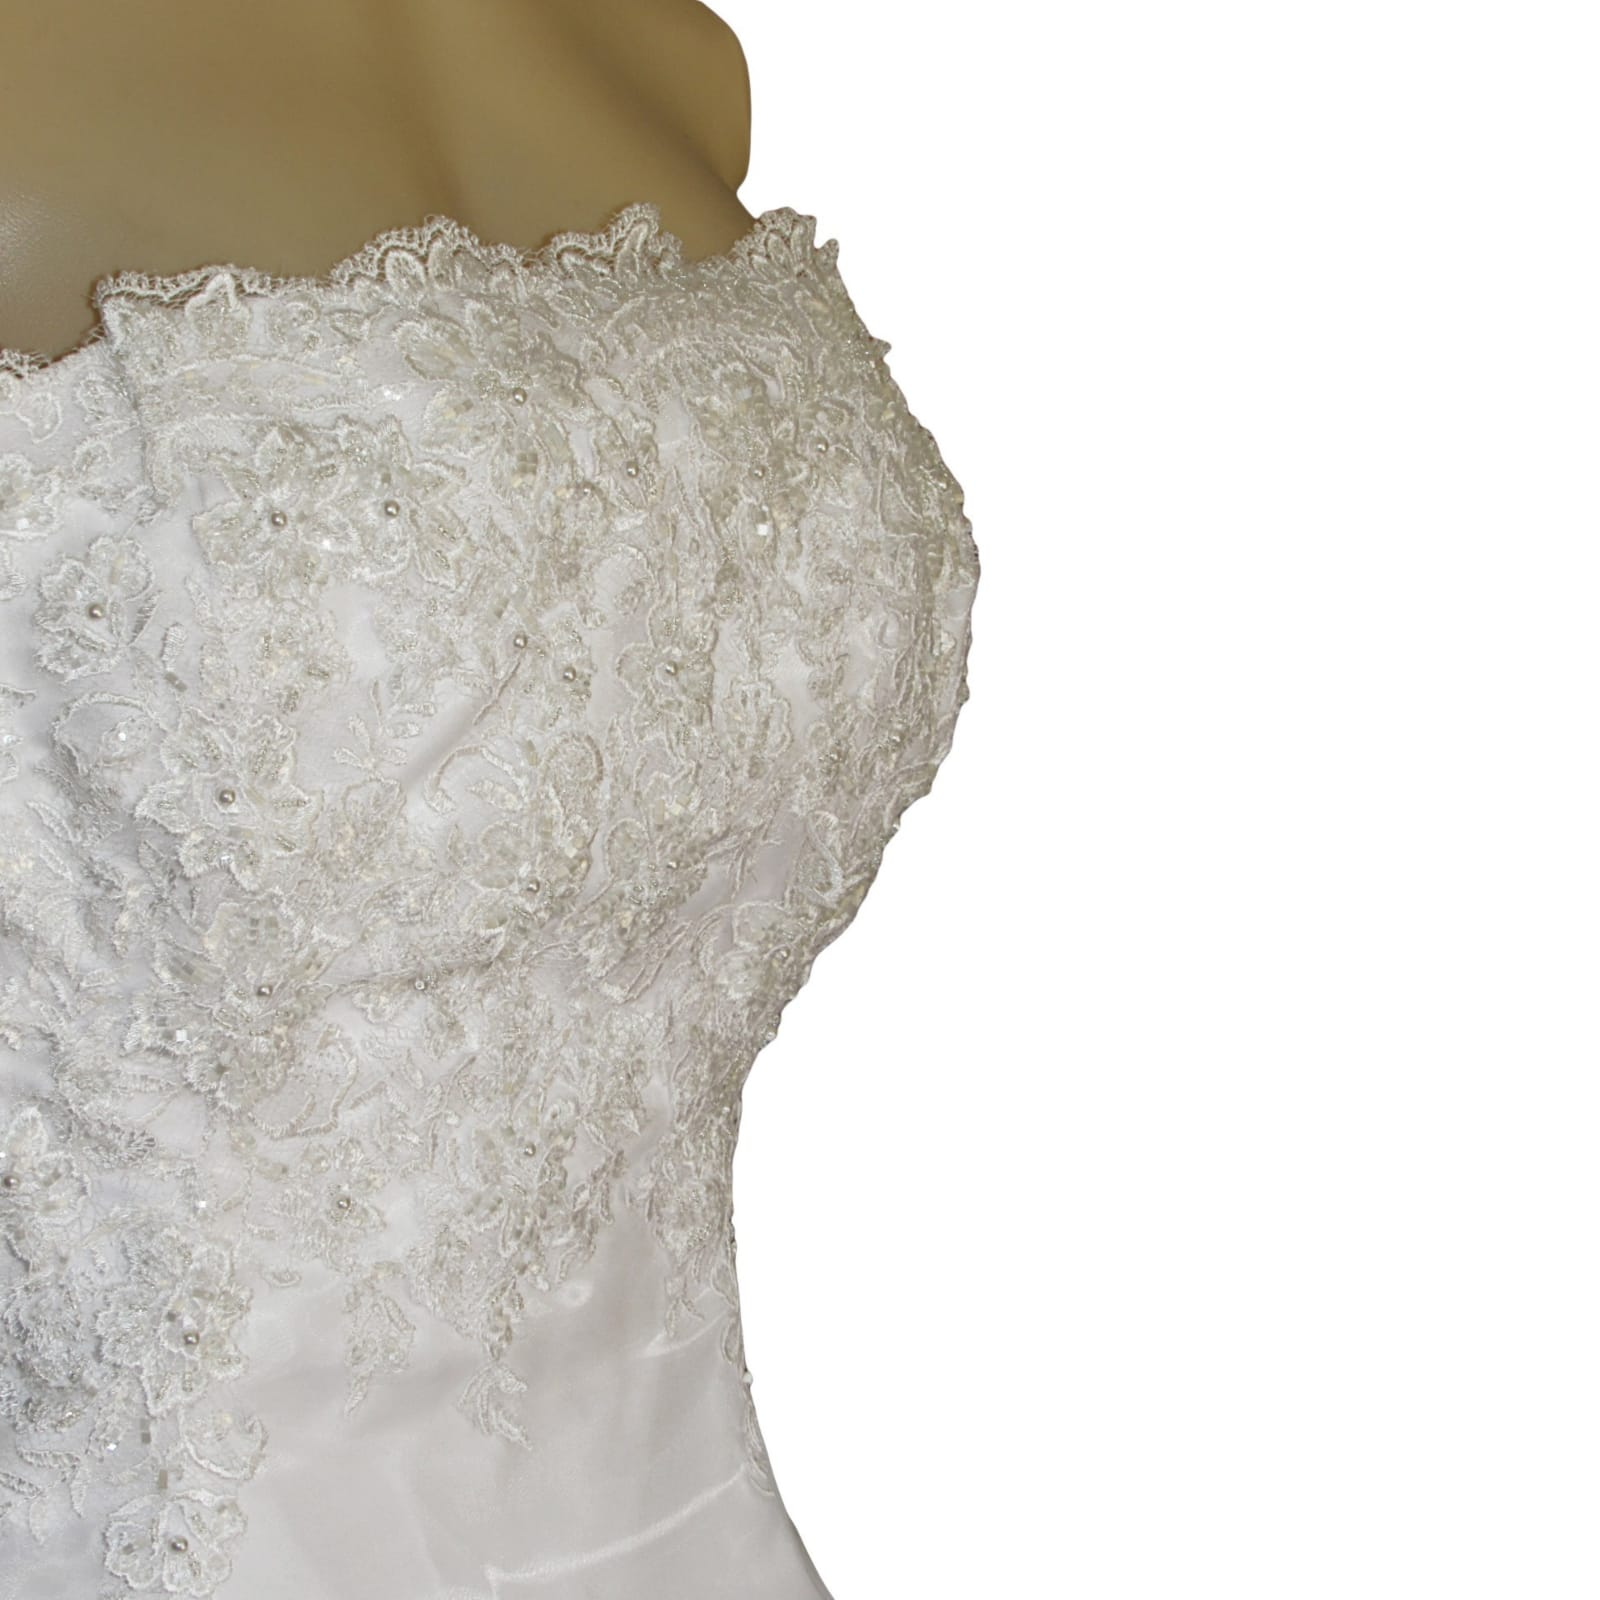 Organza vestido de noiva branco 8 vestido de baile de casamento branco de organza, sem ombros. Corpete detalhado com renda. De costas com cordões. Com um cauda e ombro organza plissada detalhadas com rendas. Com véu.